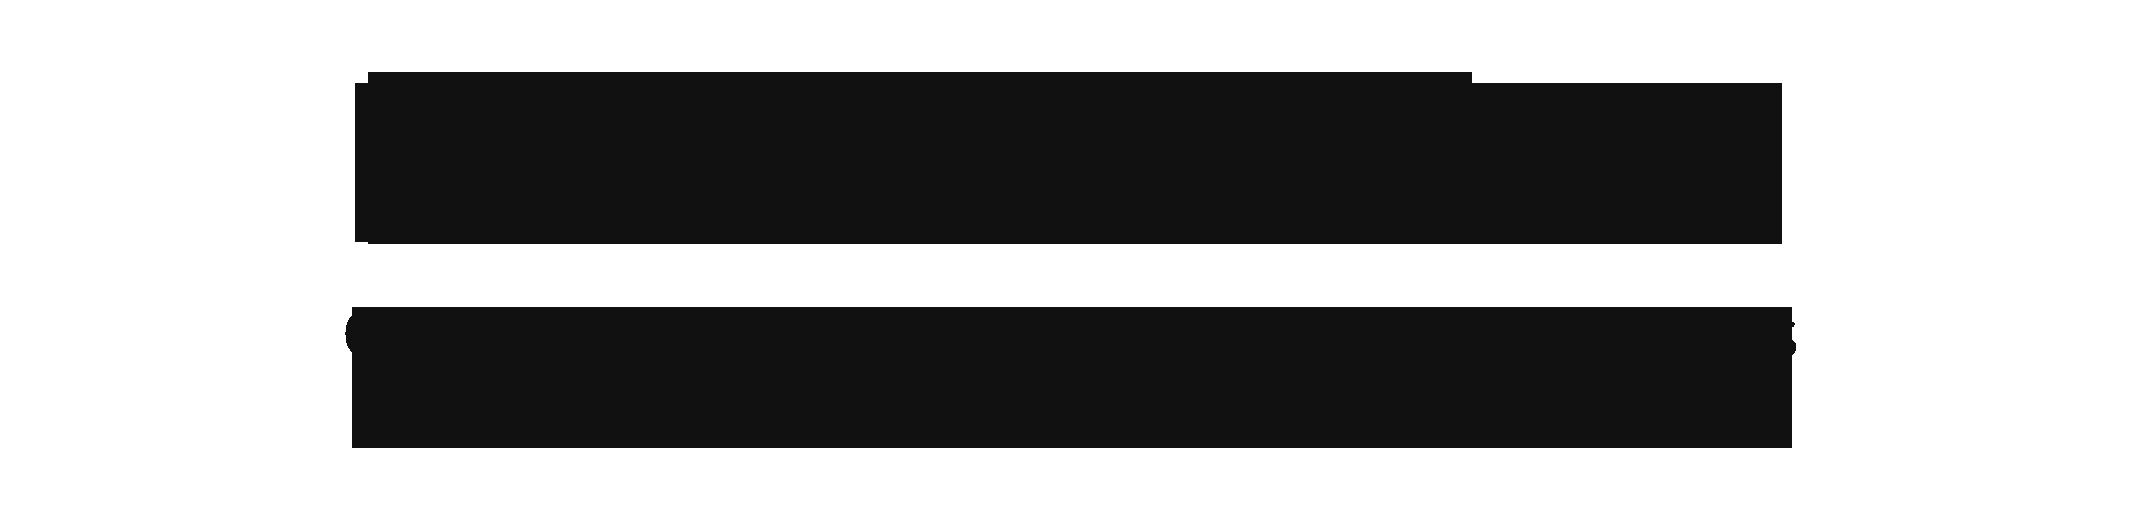 6ο Διεθνές Συνέδριο για τις Εκπαιδευτικές Διδακτικές 2015